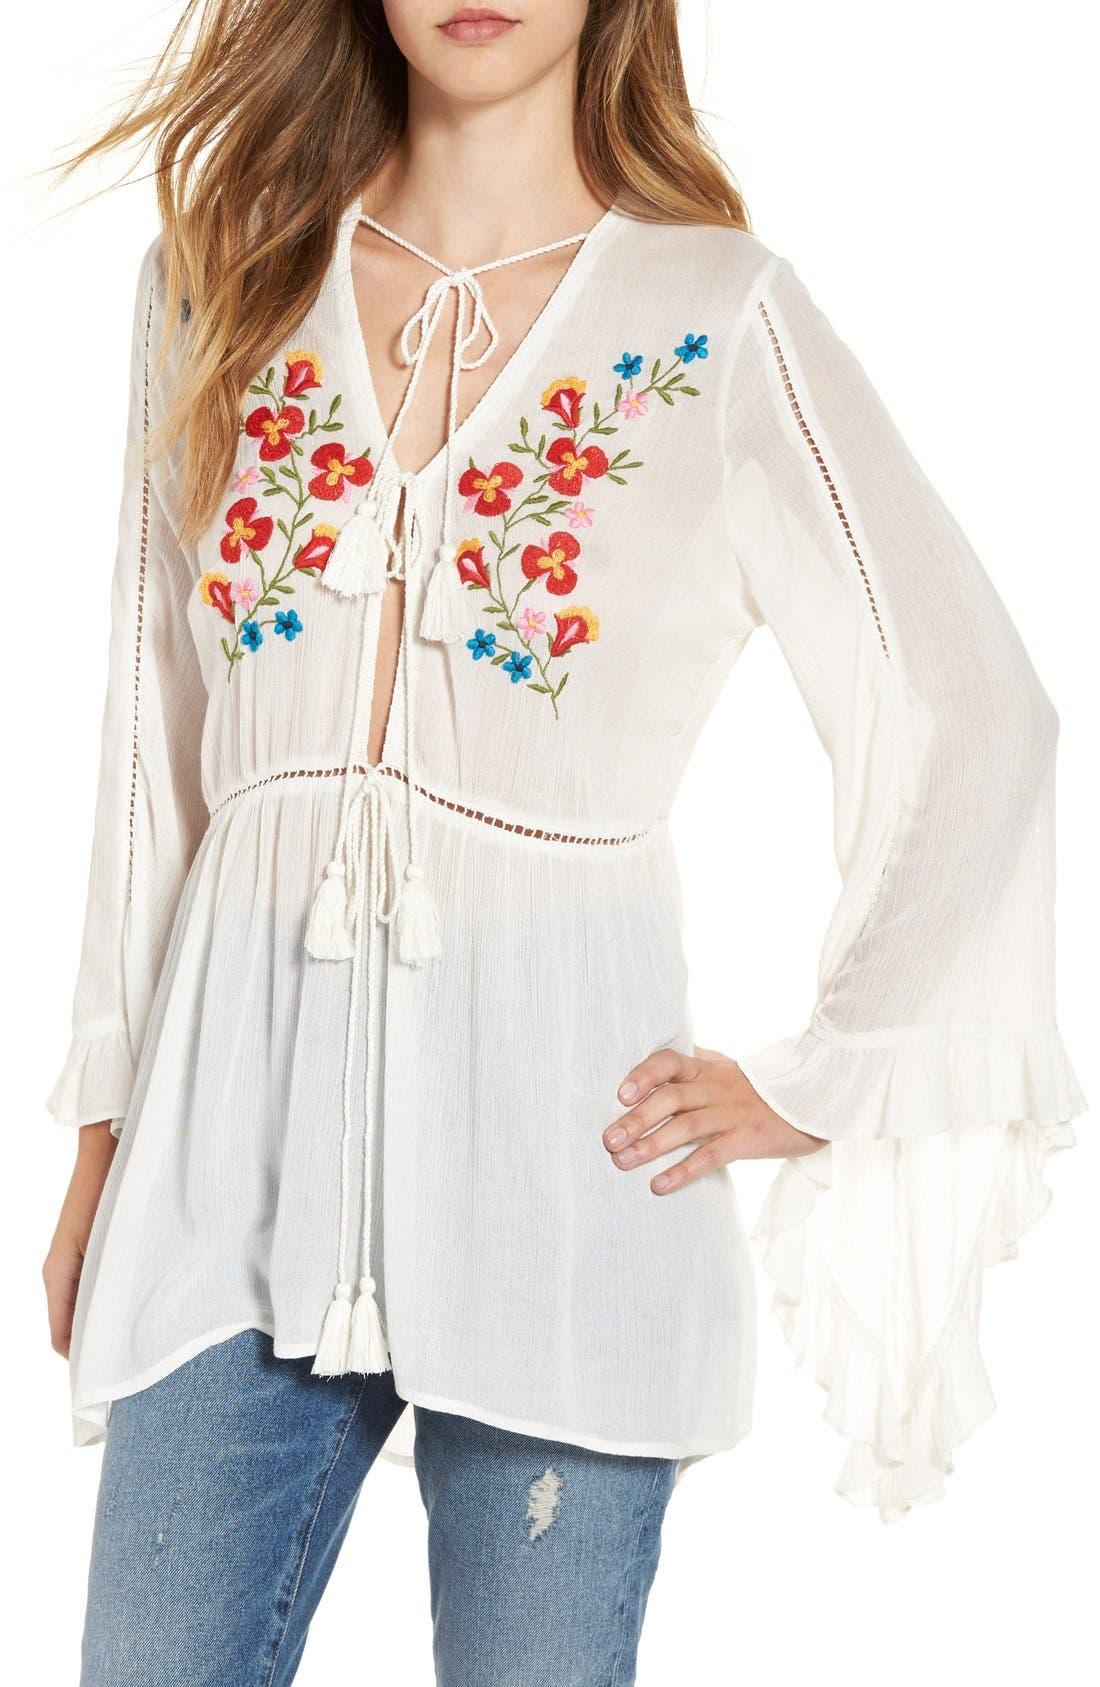 Main Image - Glamorous Embroidered Long Sleeve Tunic